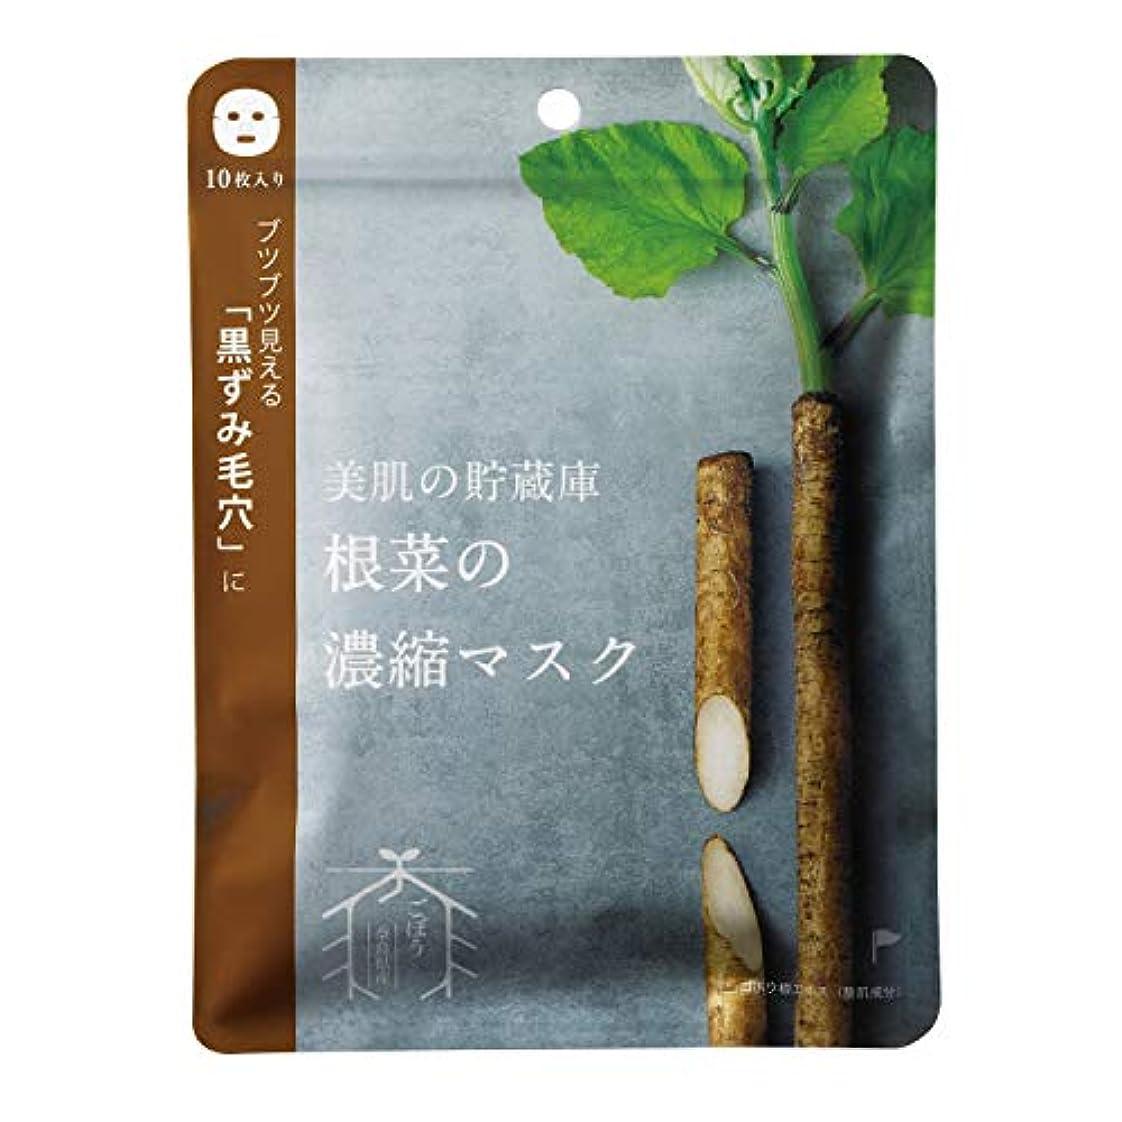 病者北方励起@cosme nippon 美肌の貯蔵庫 根菜の濃縮マスク 宇陀金ごぼう 10枚 160ml